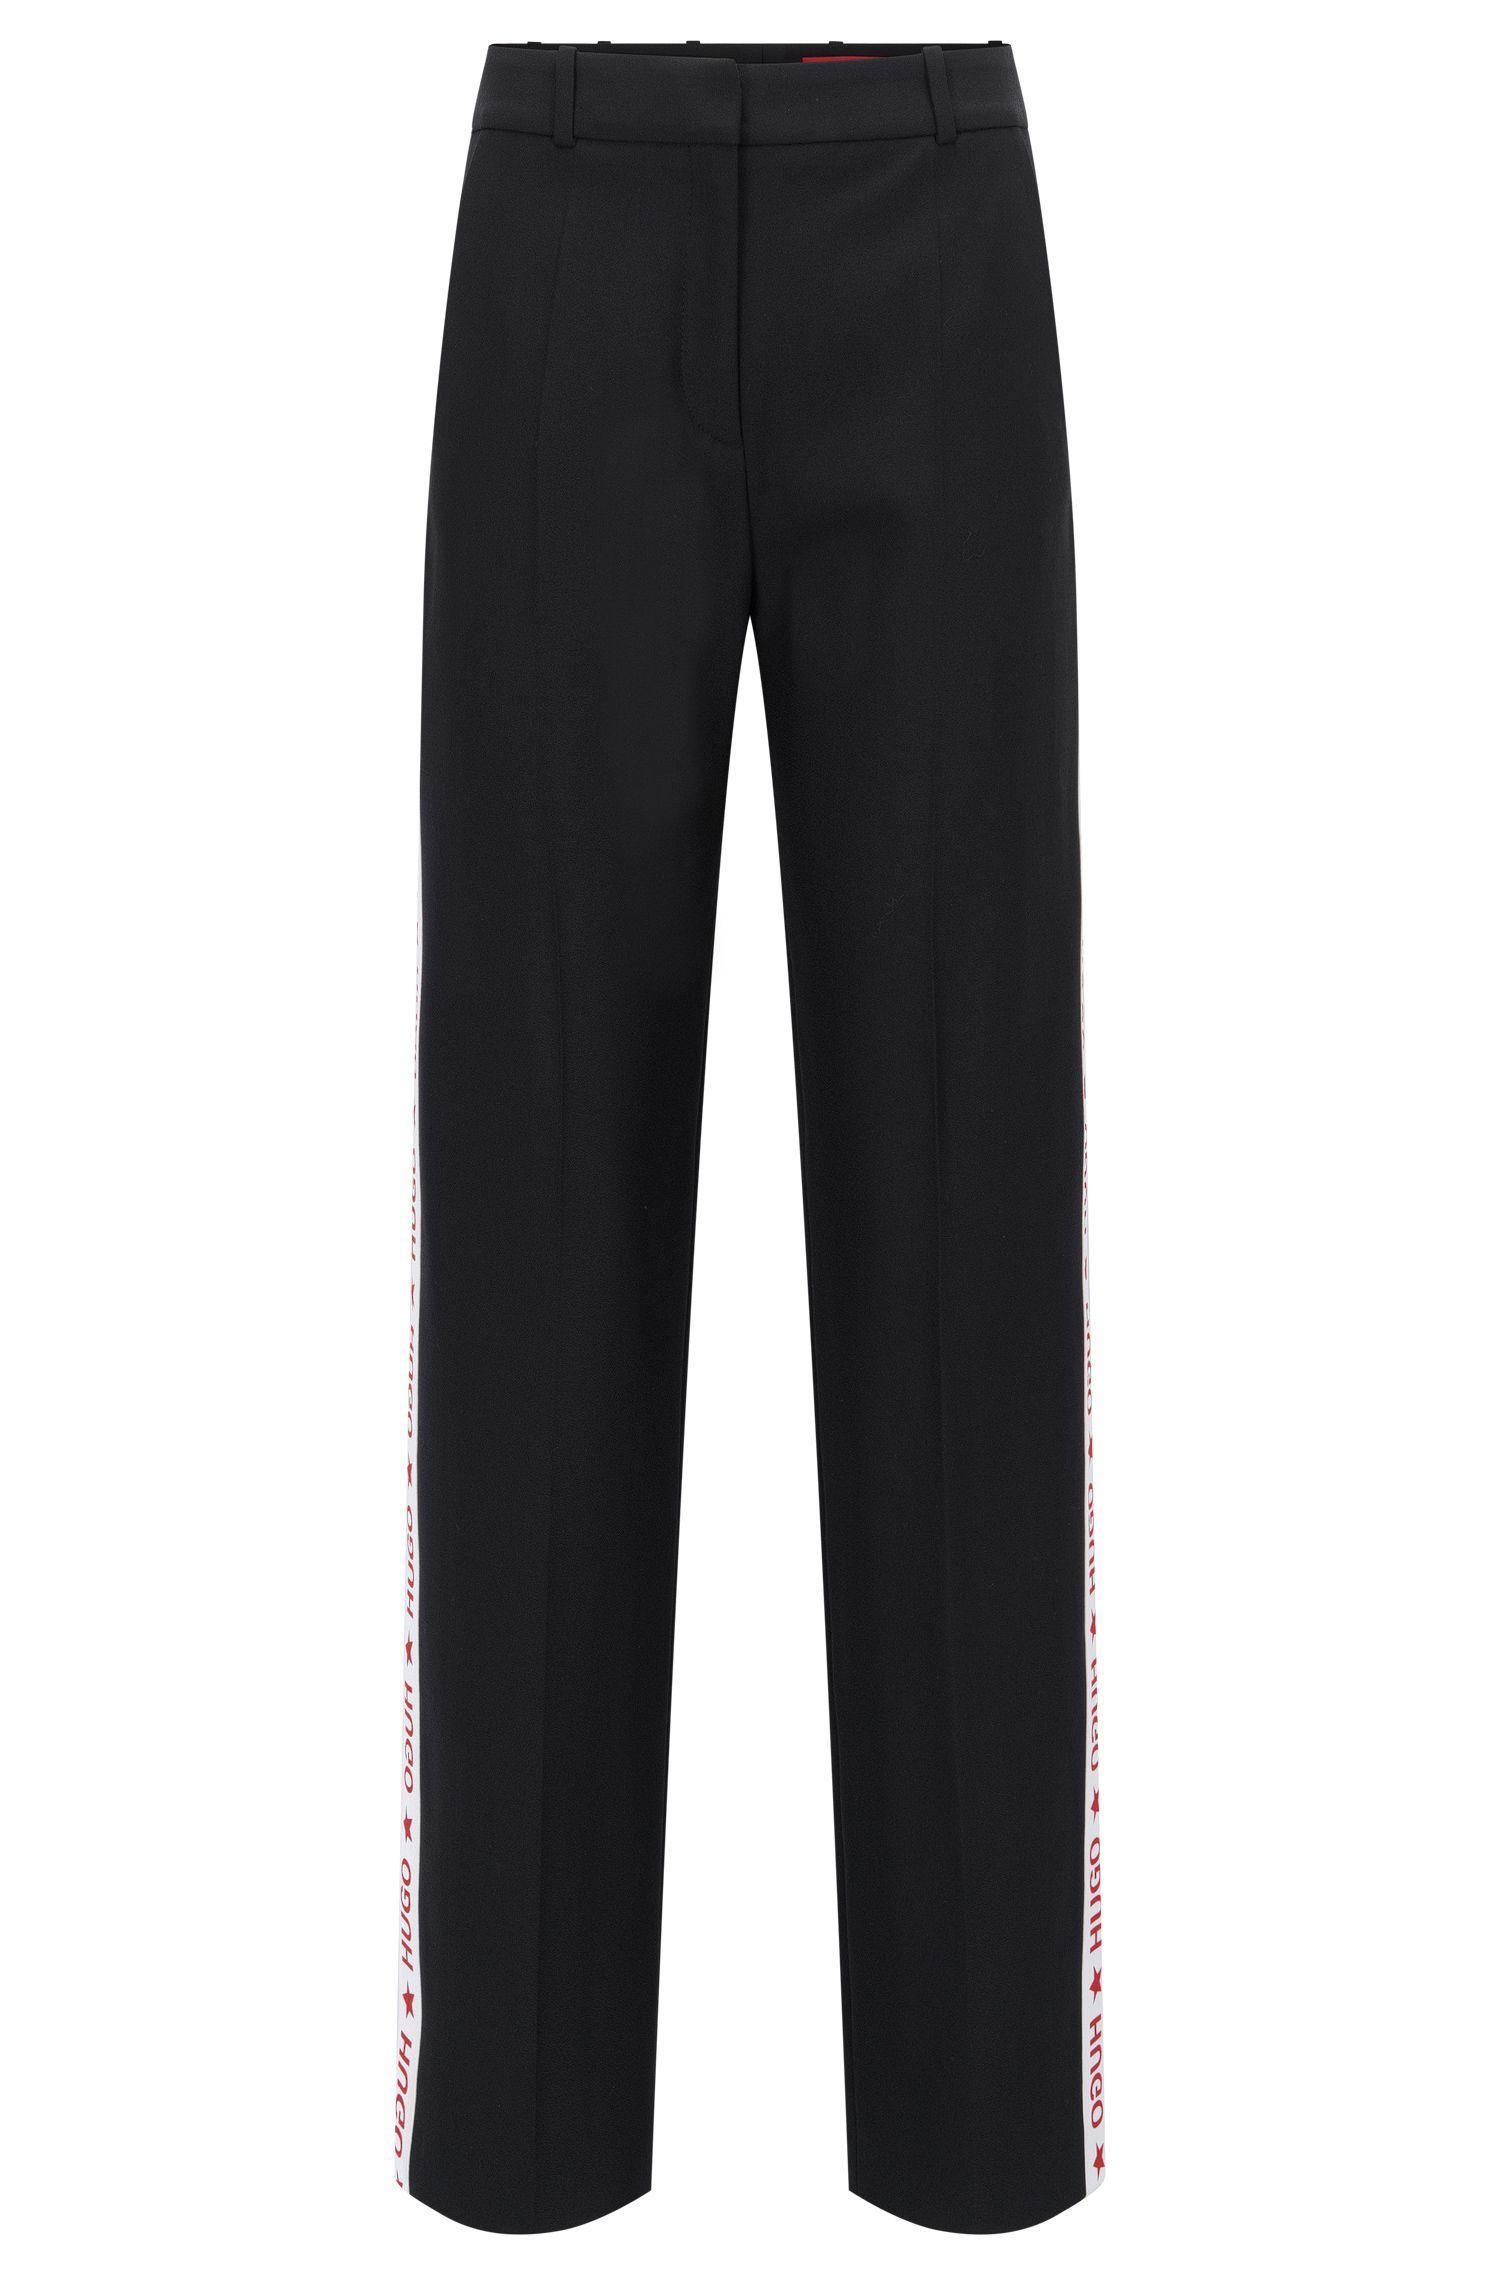 Pantalon Oversized Fit en crêpe technique